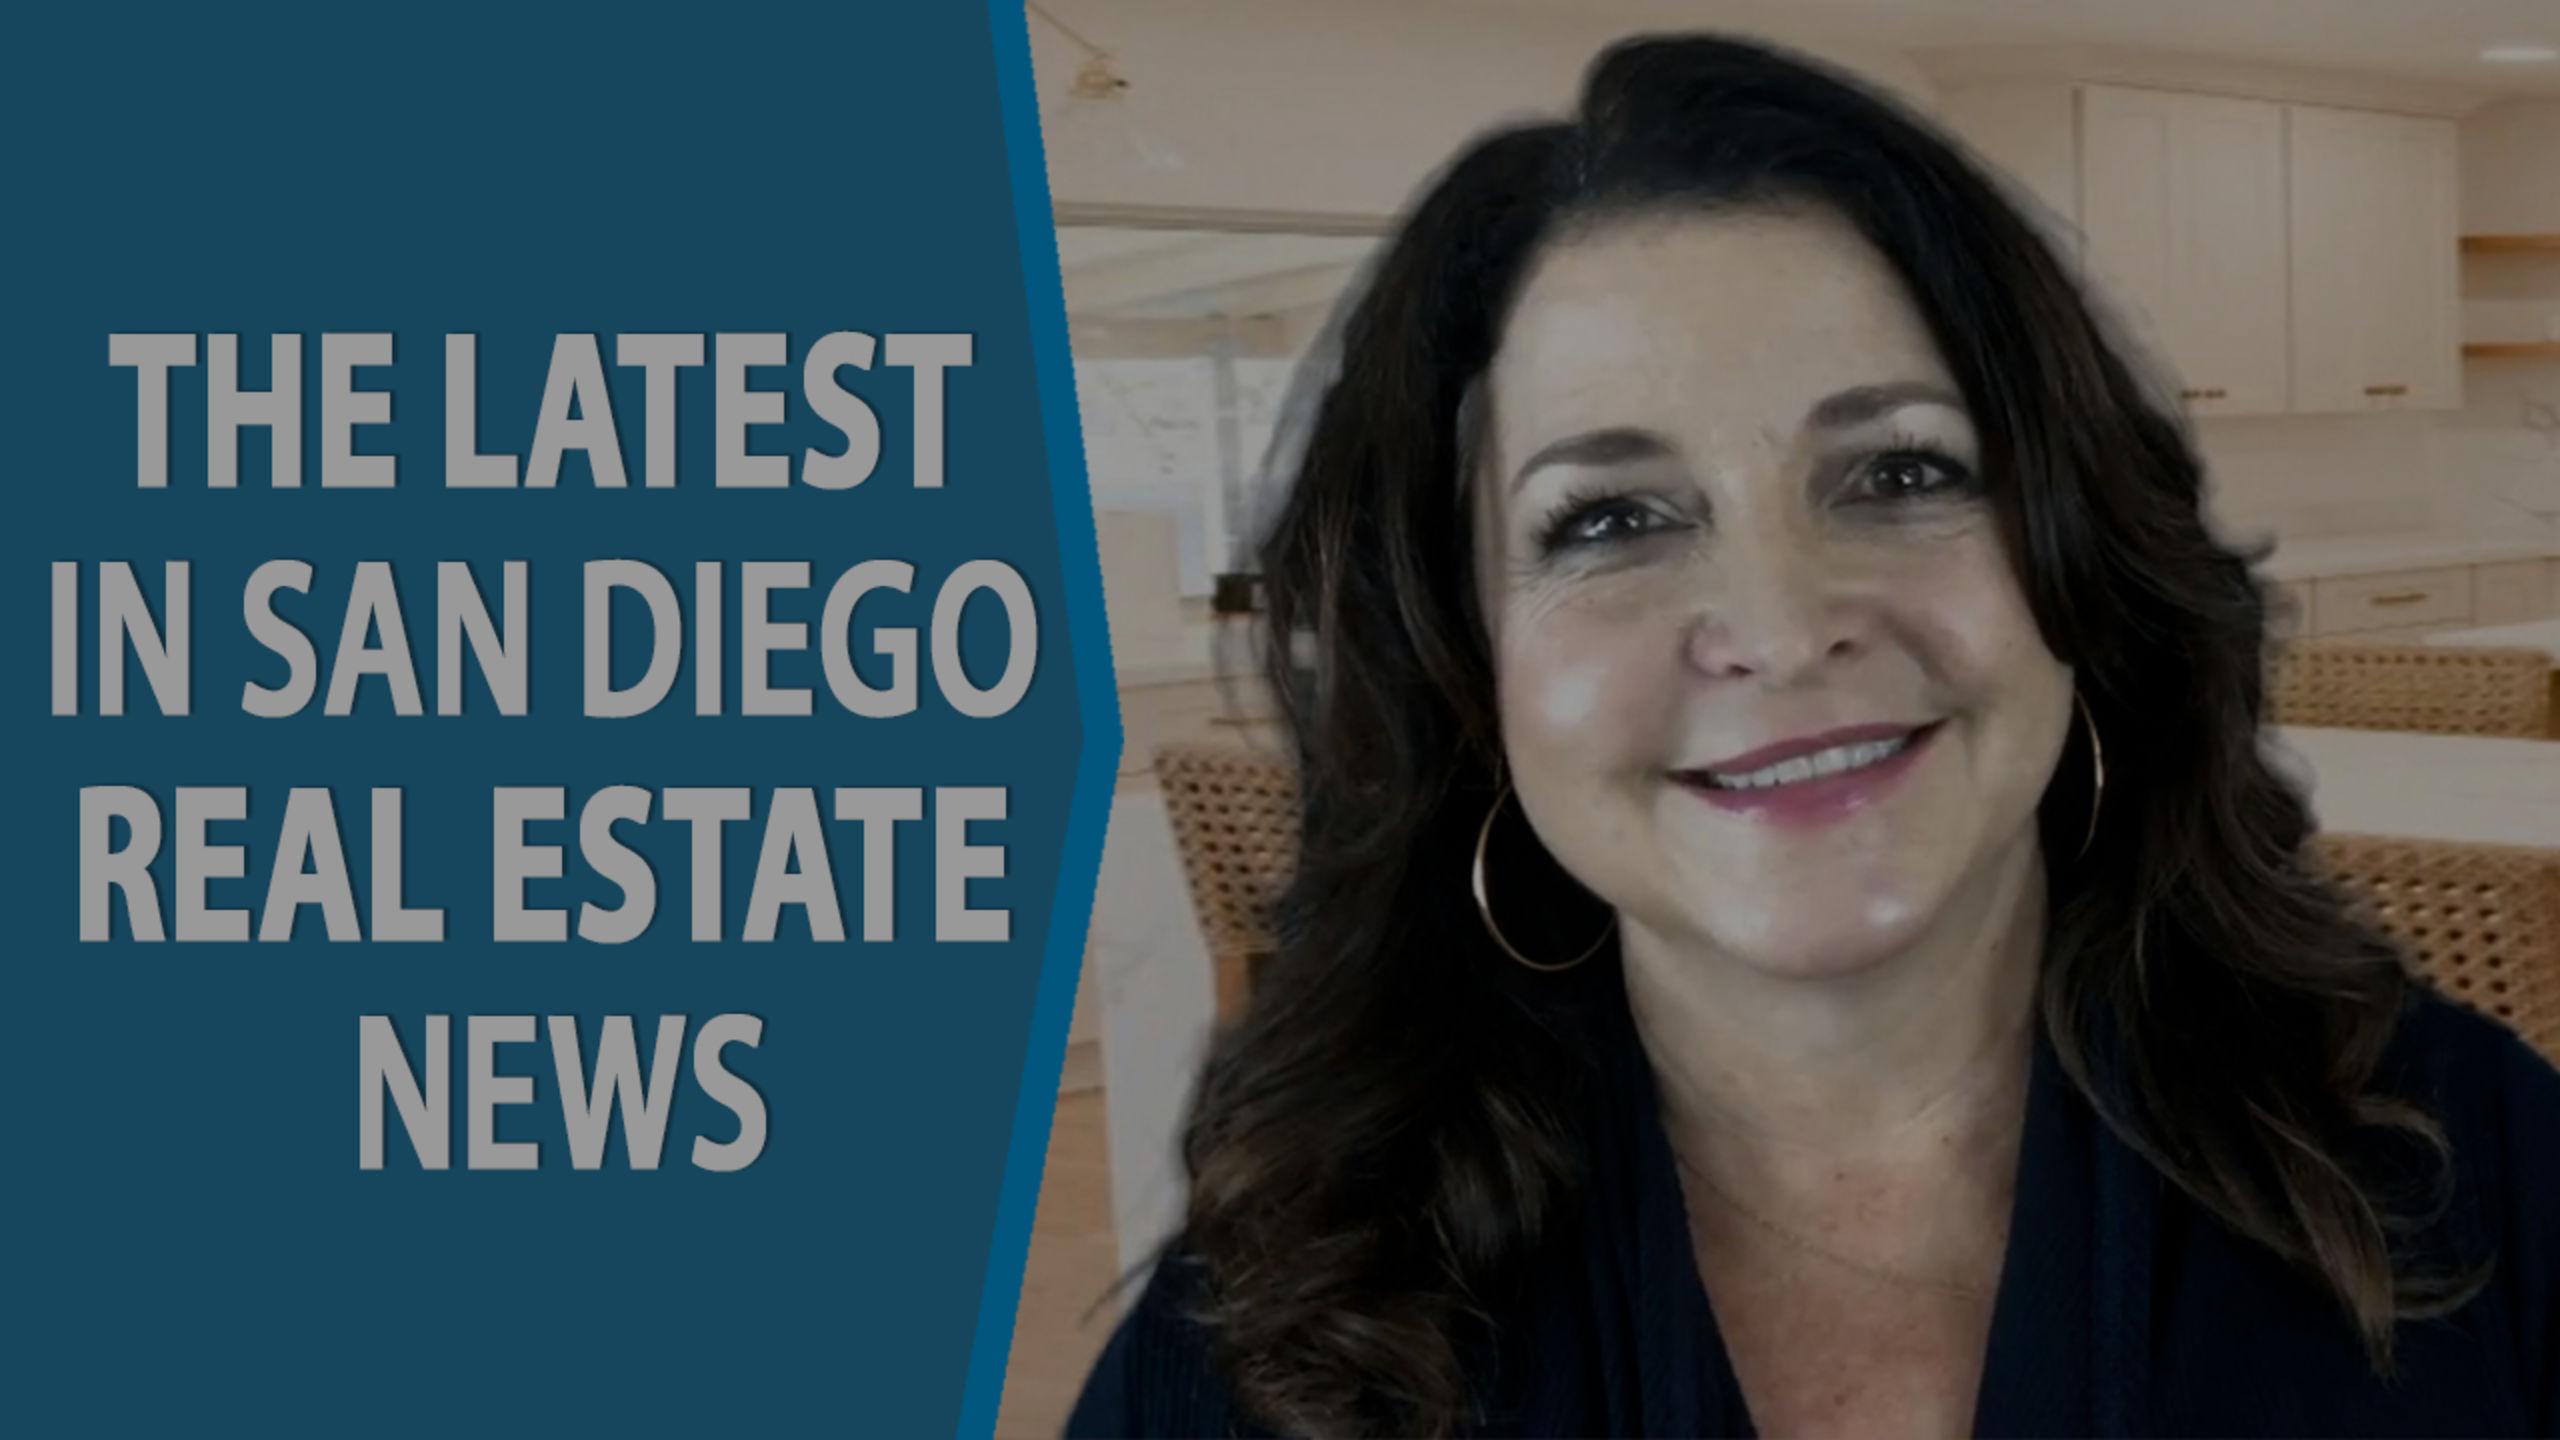 San Diego Market Update for 2021